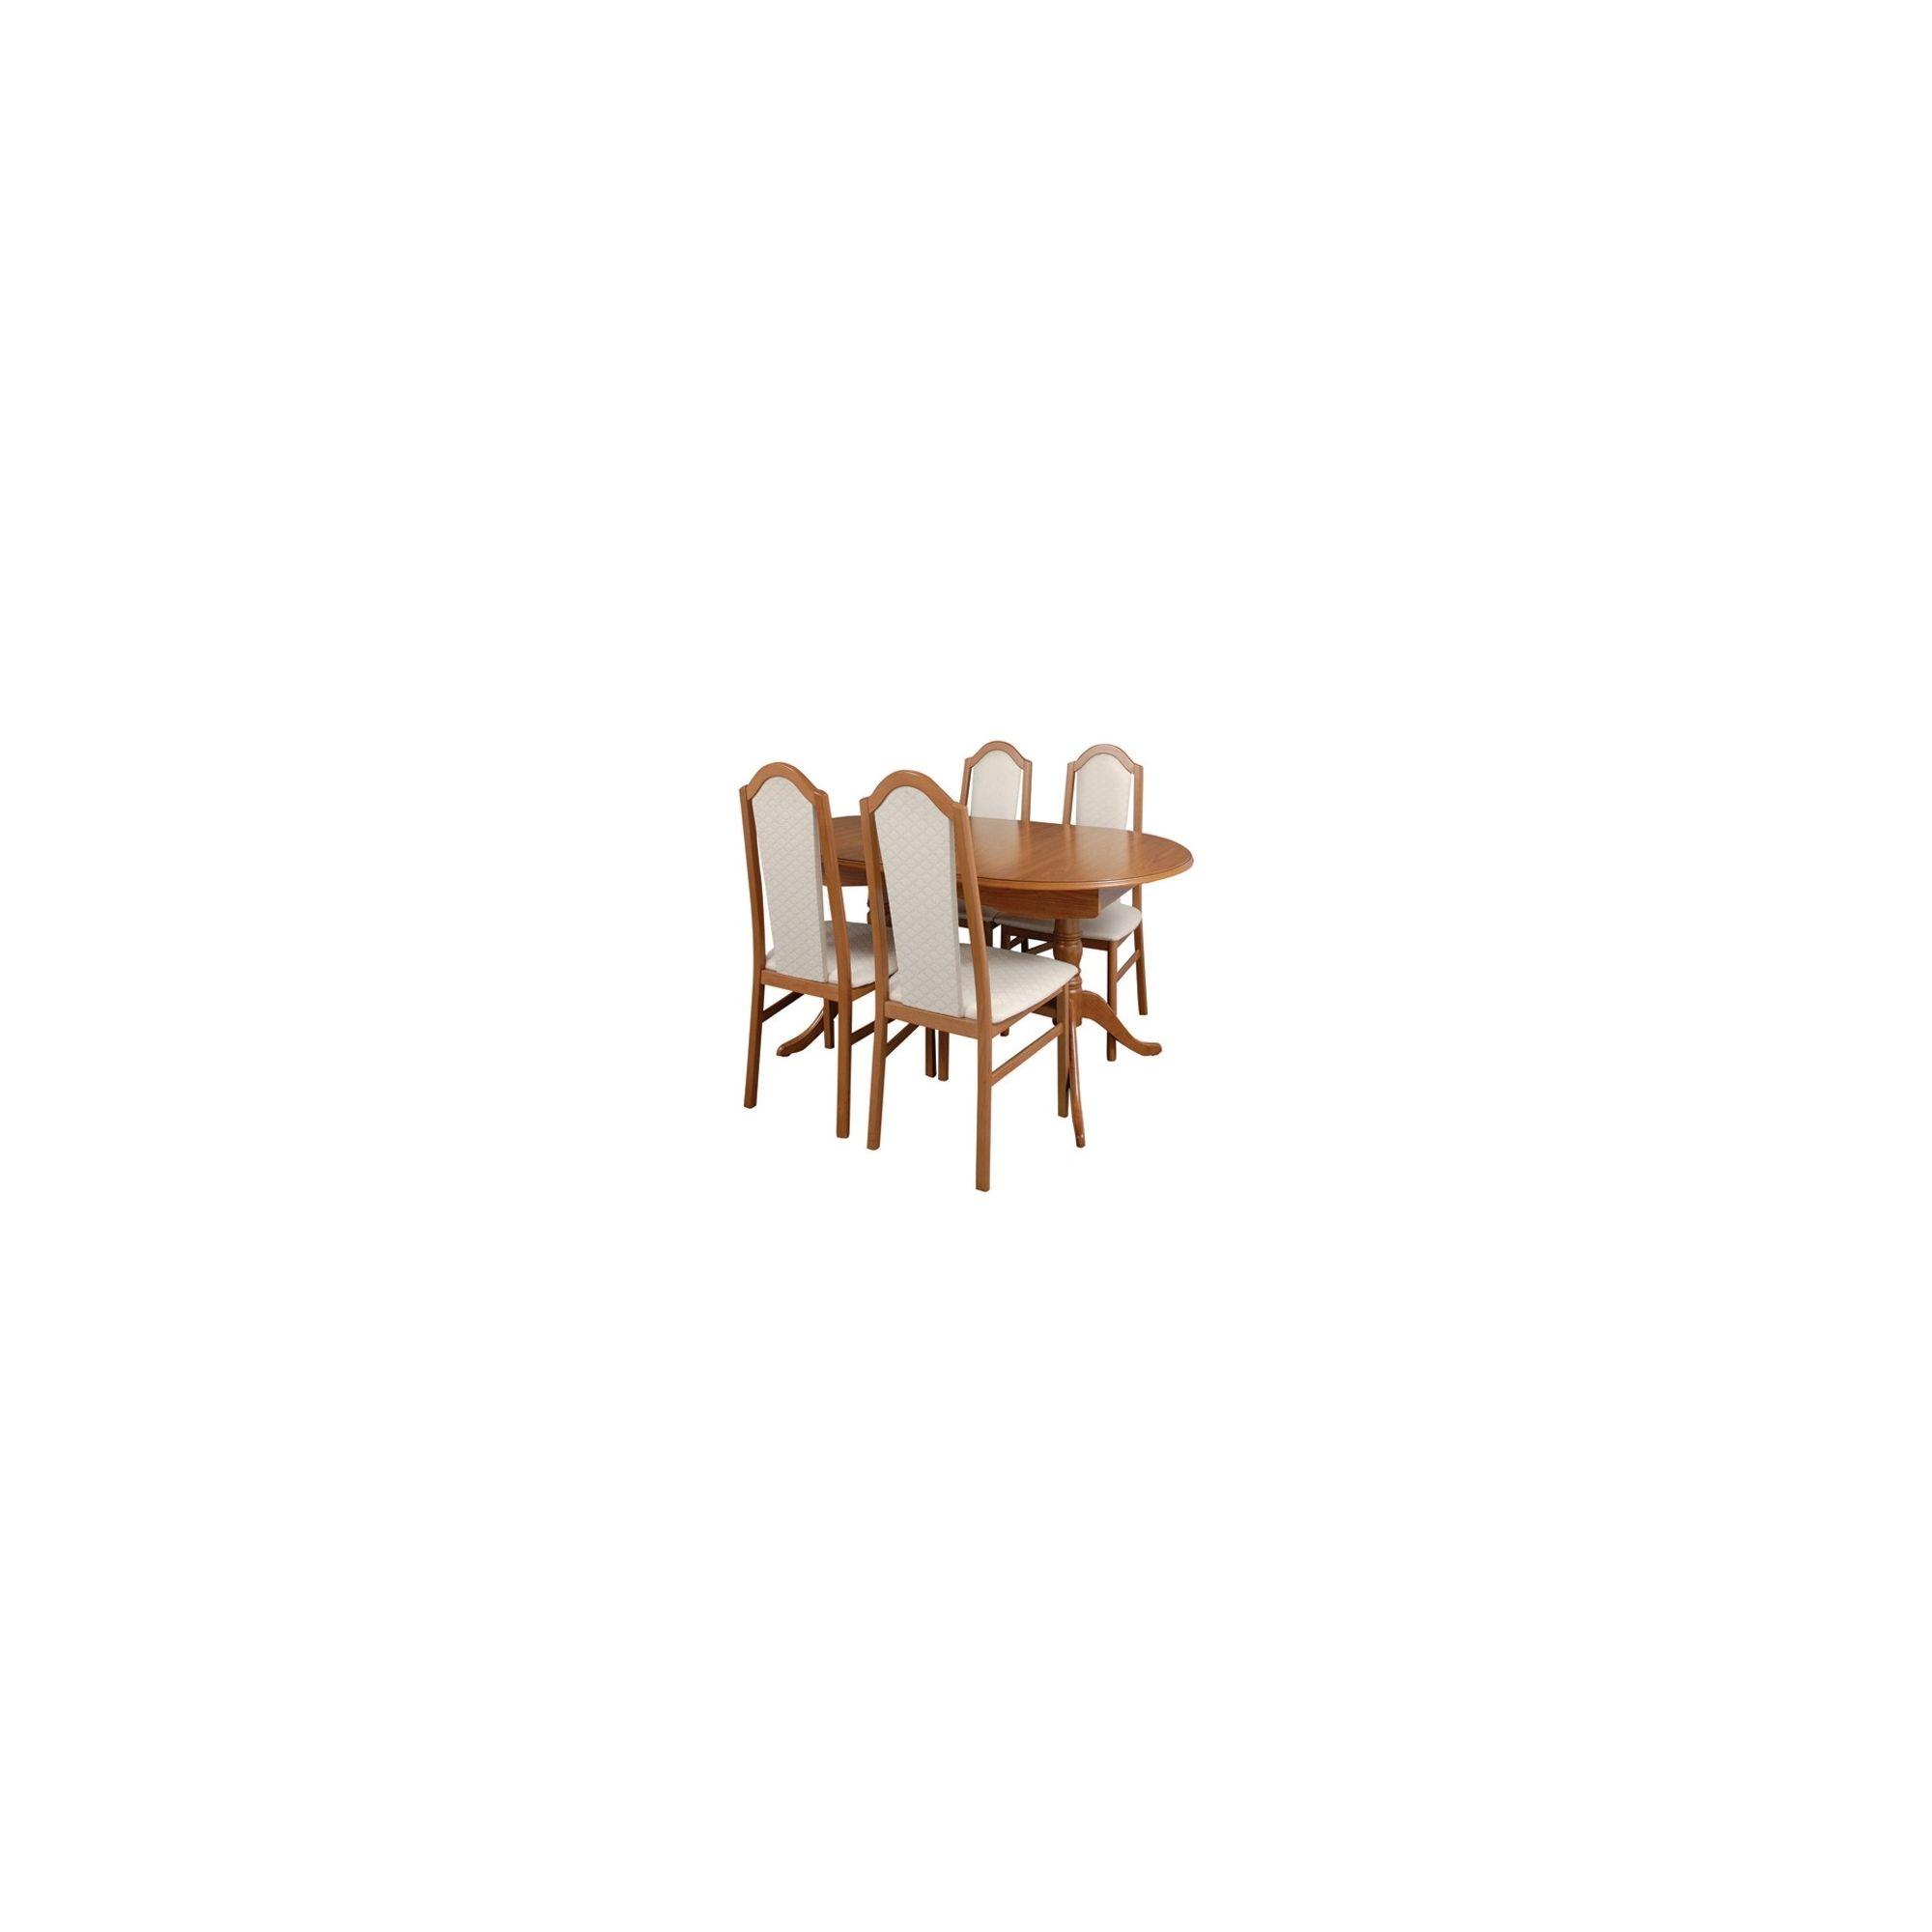 Caxton Lichfield Twin Extending Pedestal 4 Chair Dining Set at Tesco Direct